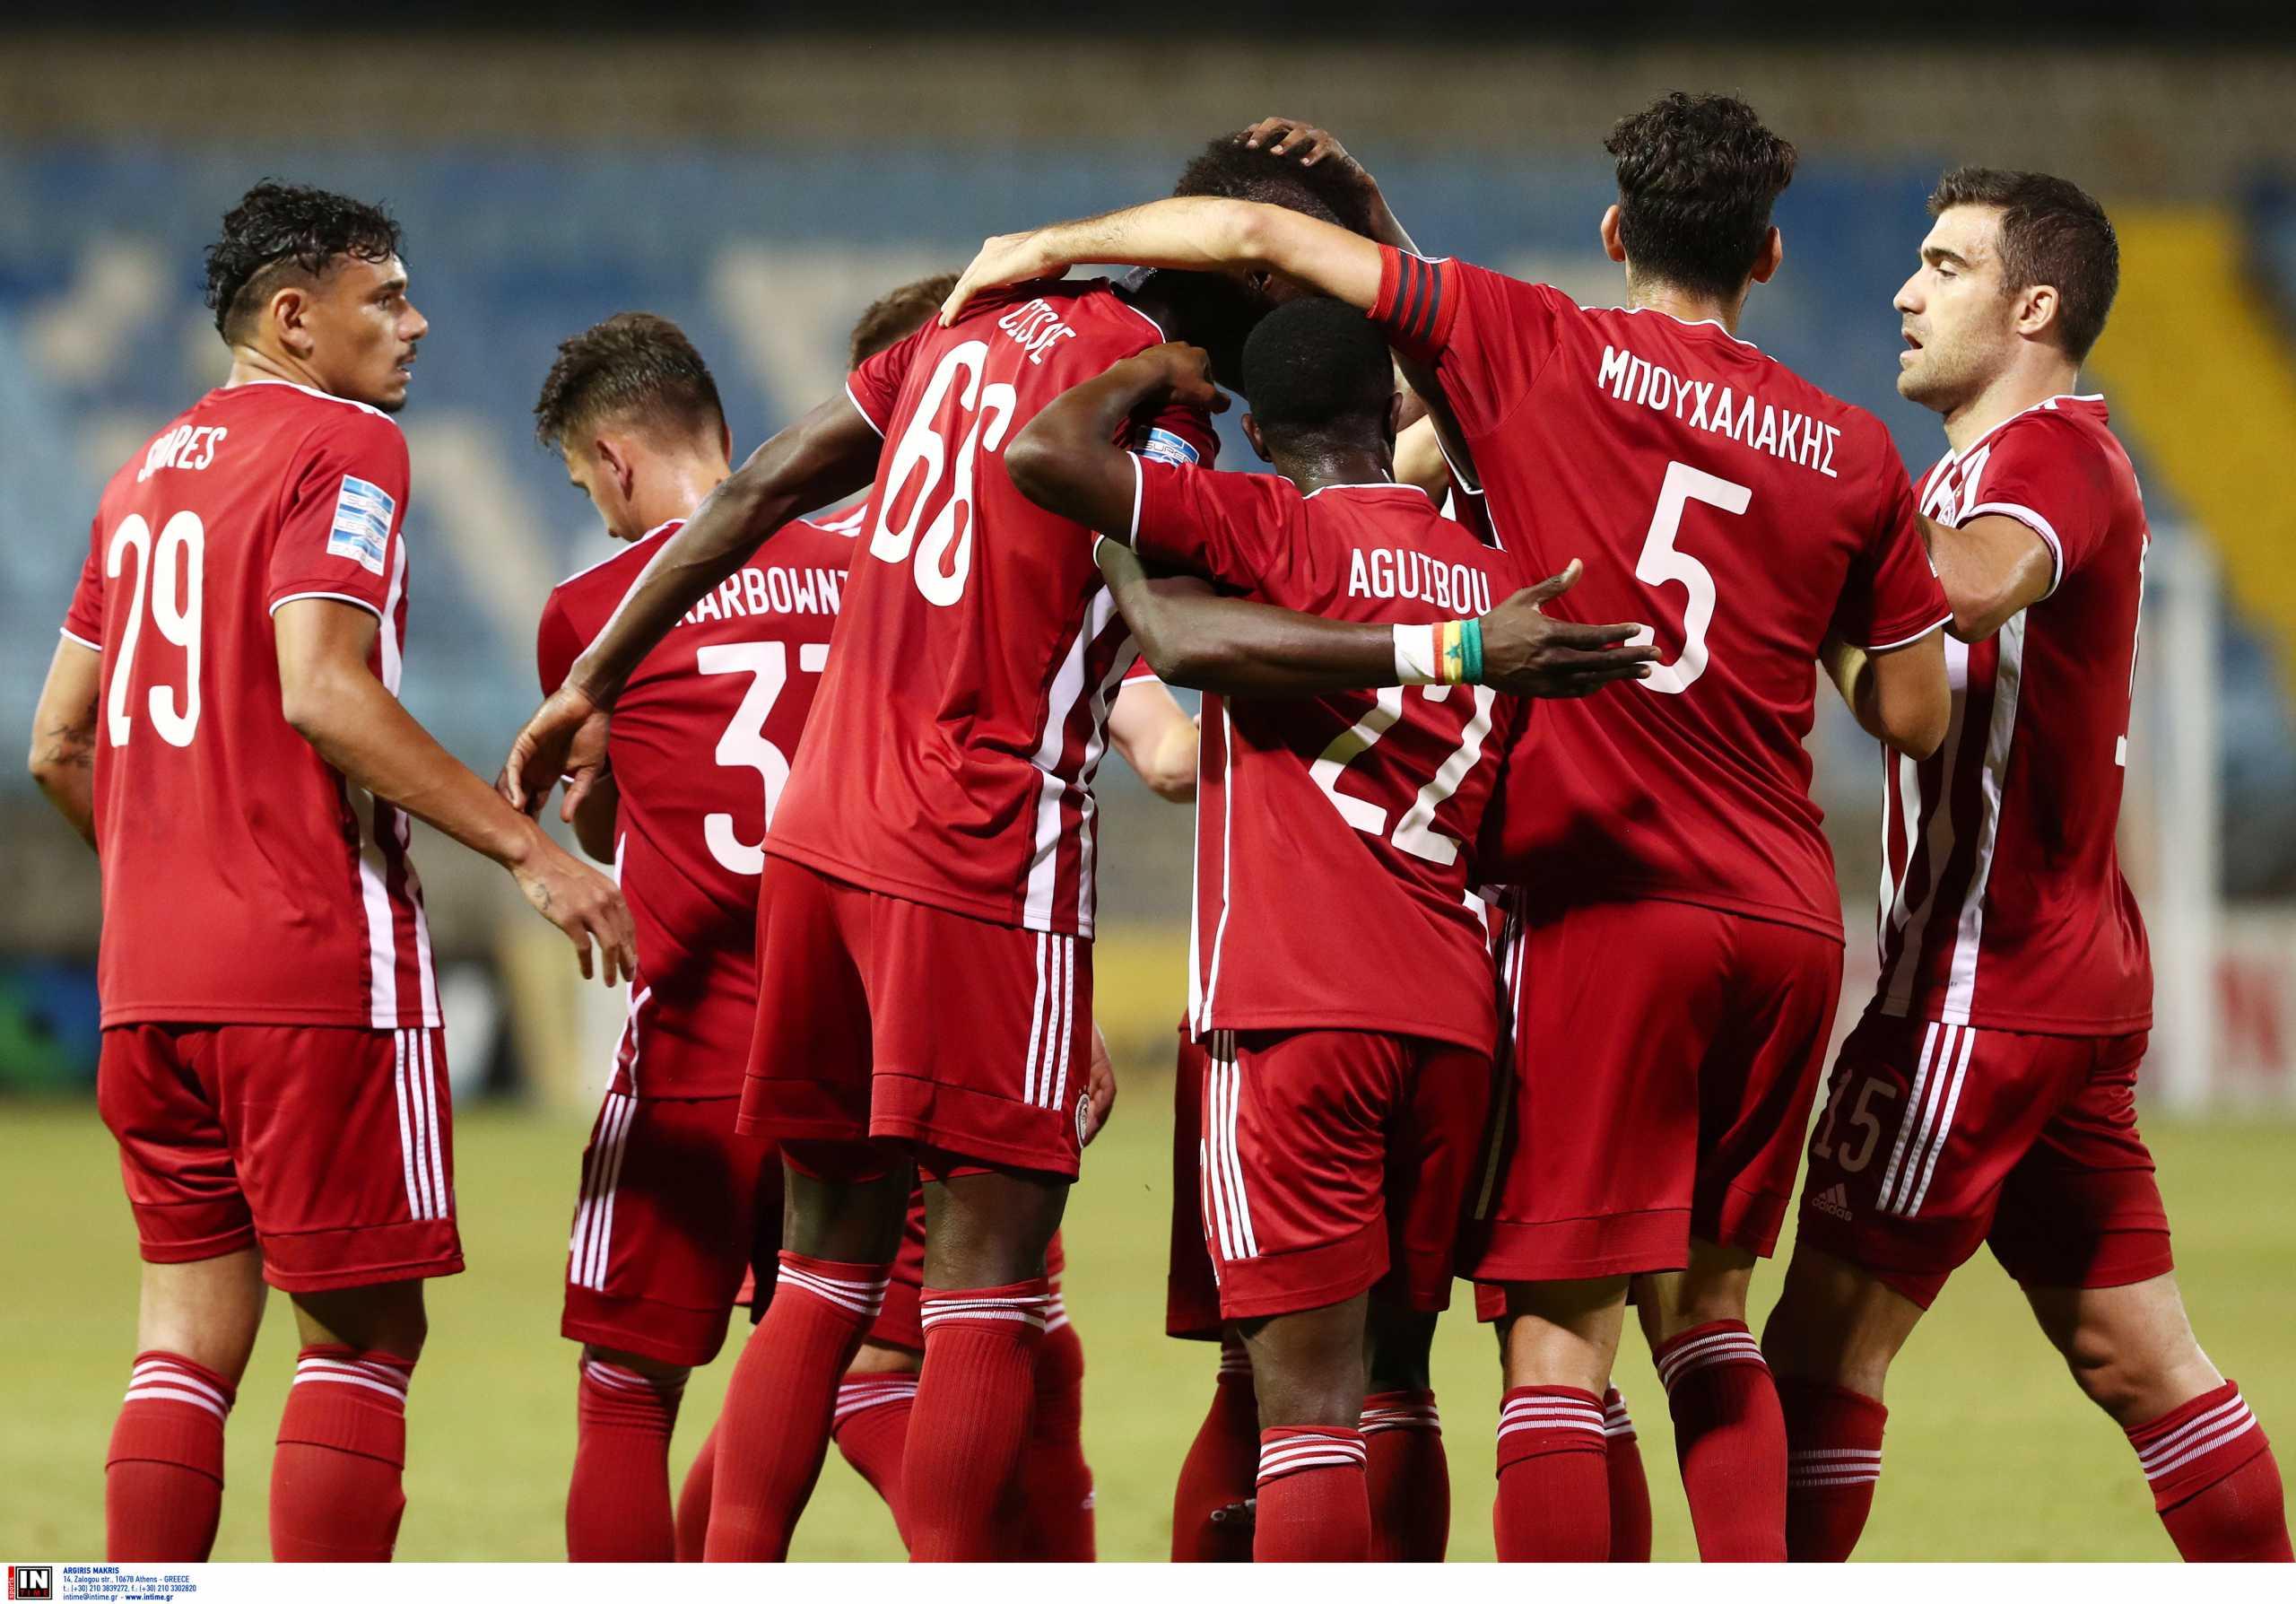 Superleague 1, Λαμία – Ολυμπιακός 1-2: «Απέδρασαν» δύσκολα με το διπλό οι Πειραιώτες